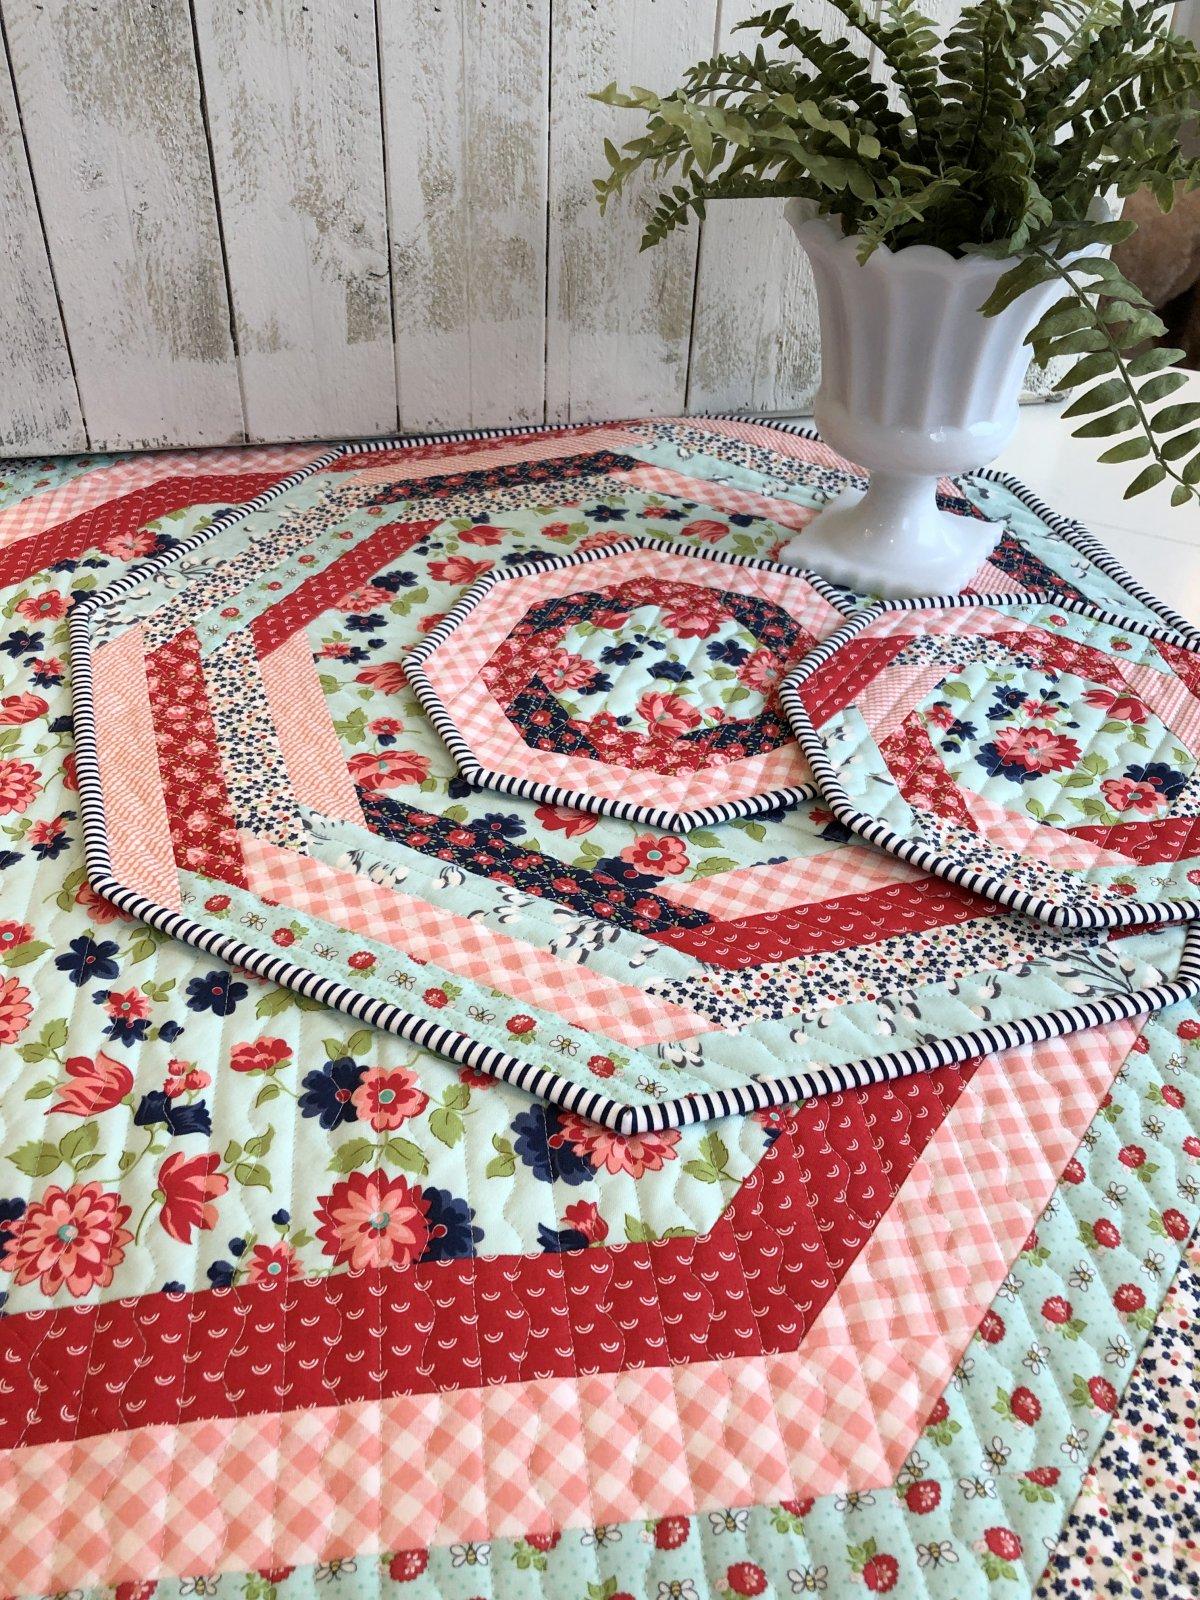 Centerpiece Tablemat - Bonnie & Camille Bundle